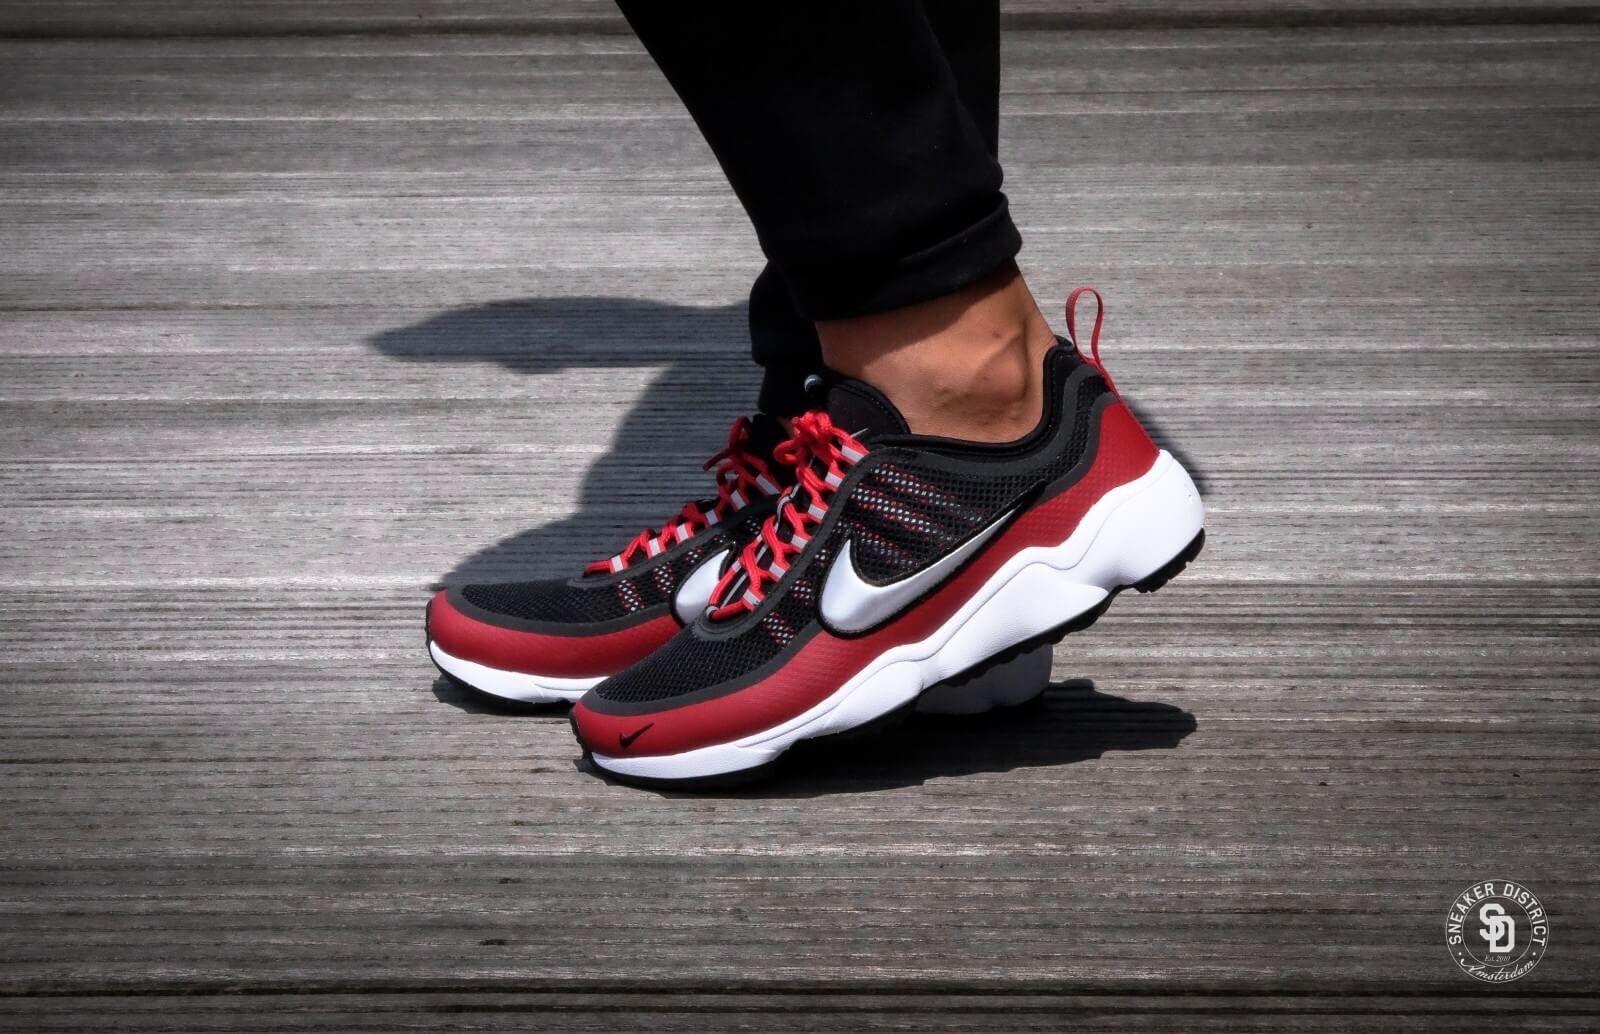 Nike Air Zoom Spiridon Ultra Black Metallic Platinum Red Size 12 876267-005